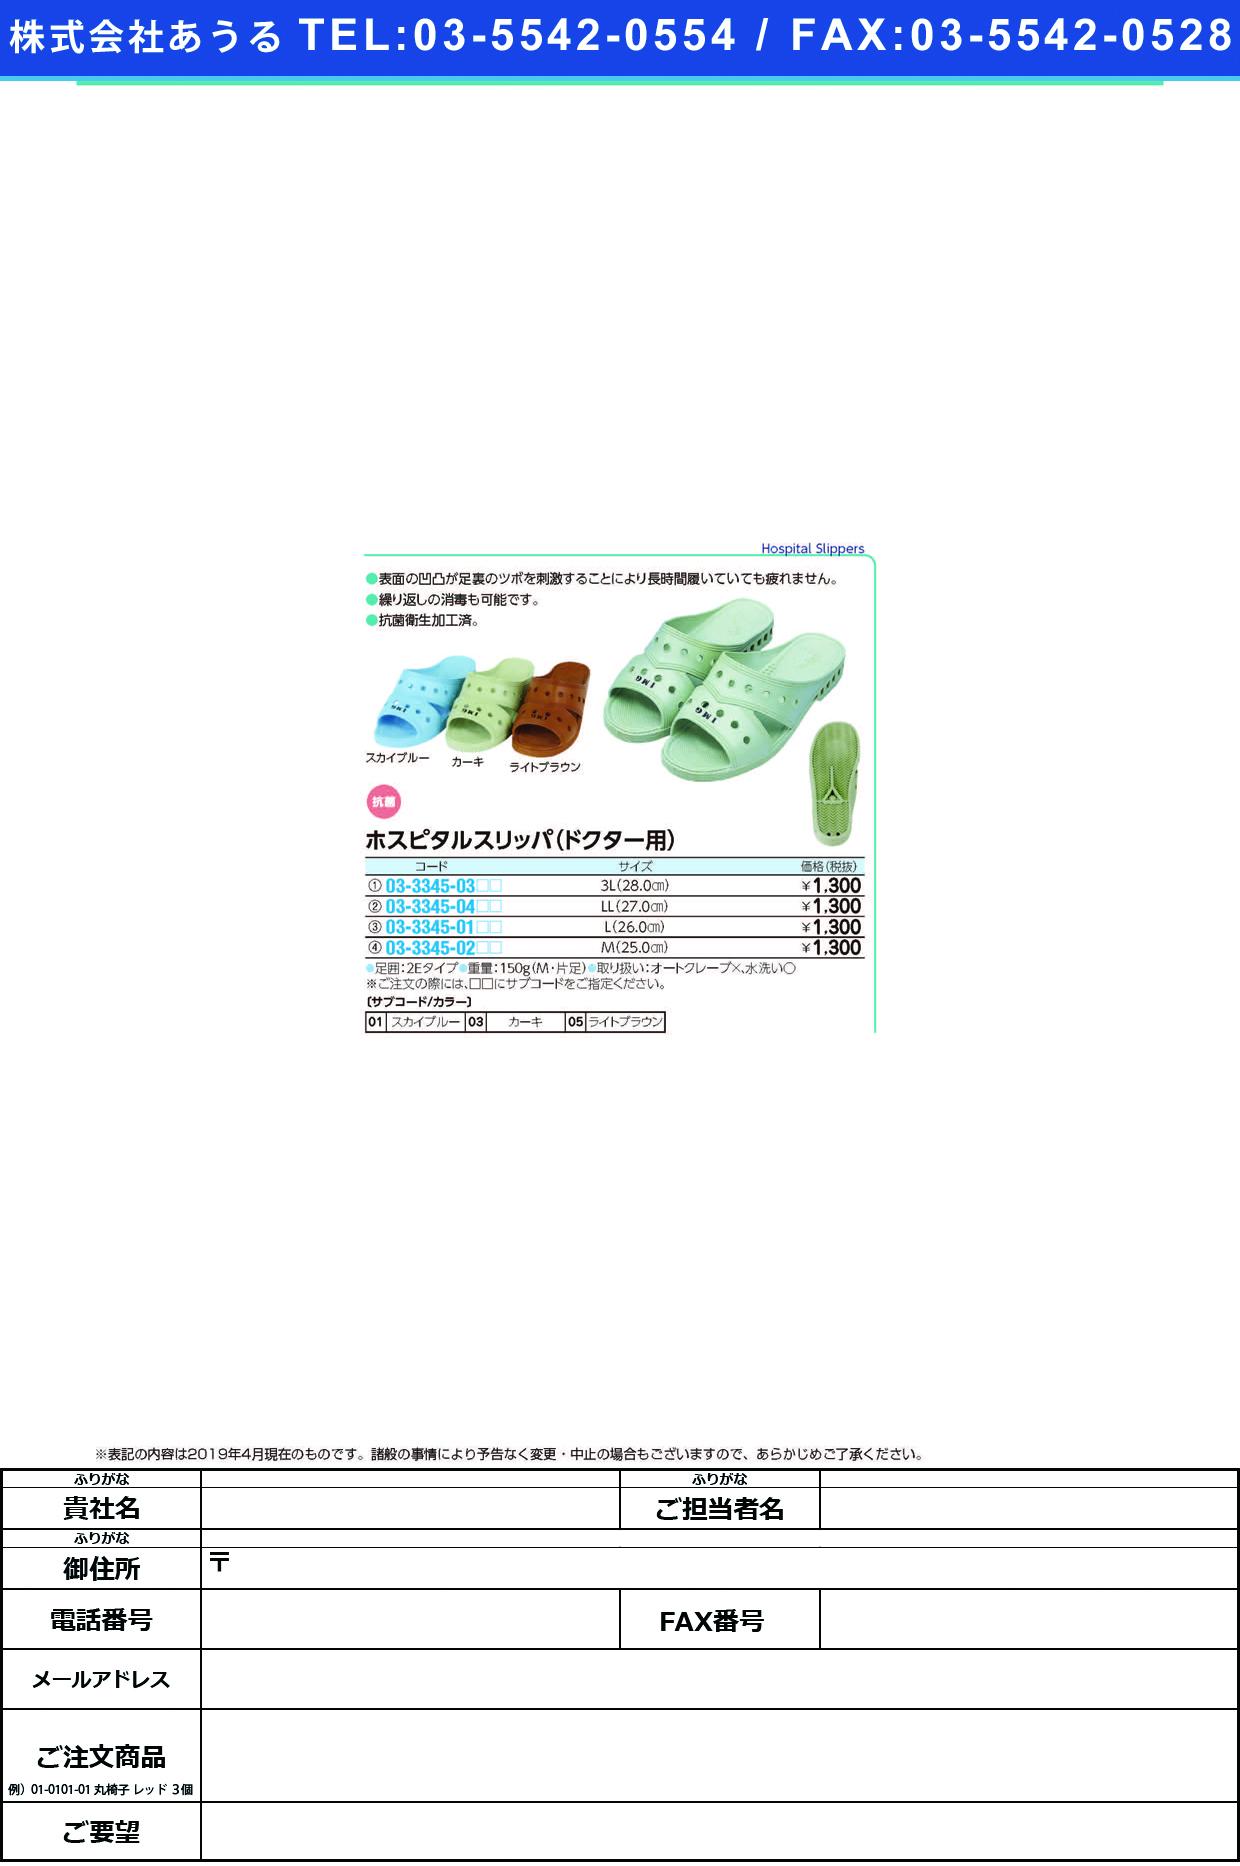 (03-3345-03)ホスピタルスリッパ(ドクター用) 3L(28CM) ホスピタルスリッパ(ドクター) スカイブルー【1足単位】【2019年カタログ商品】